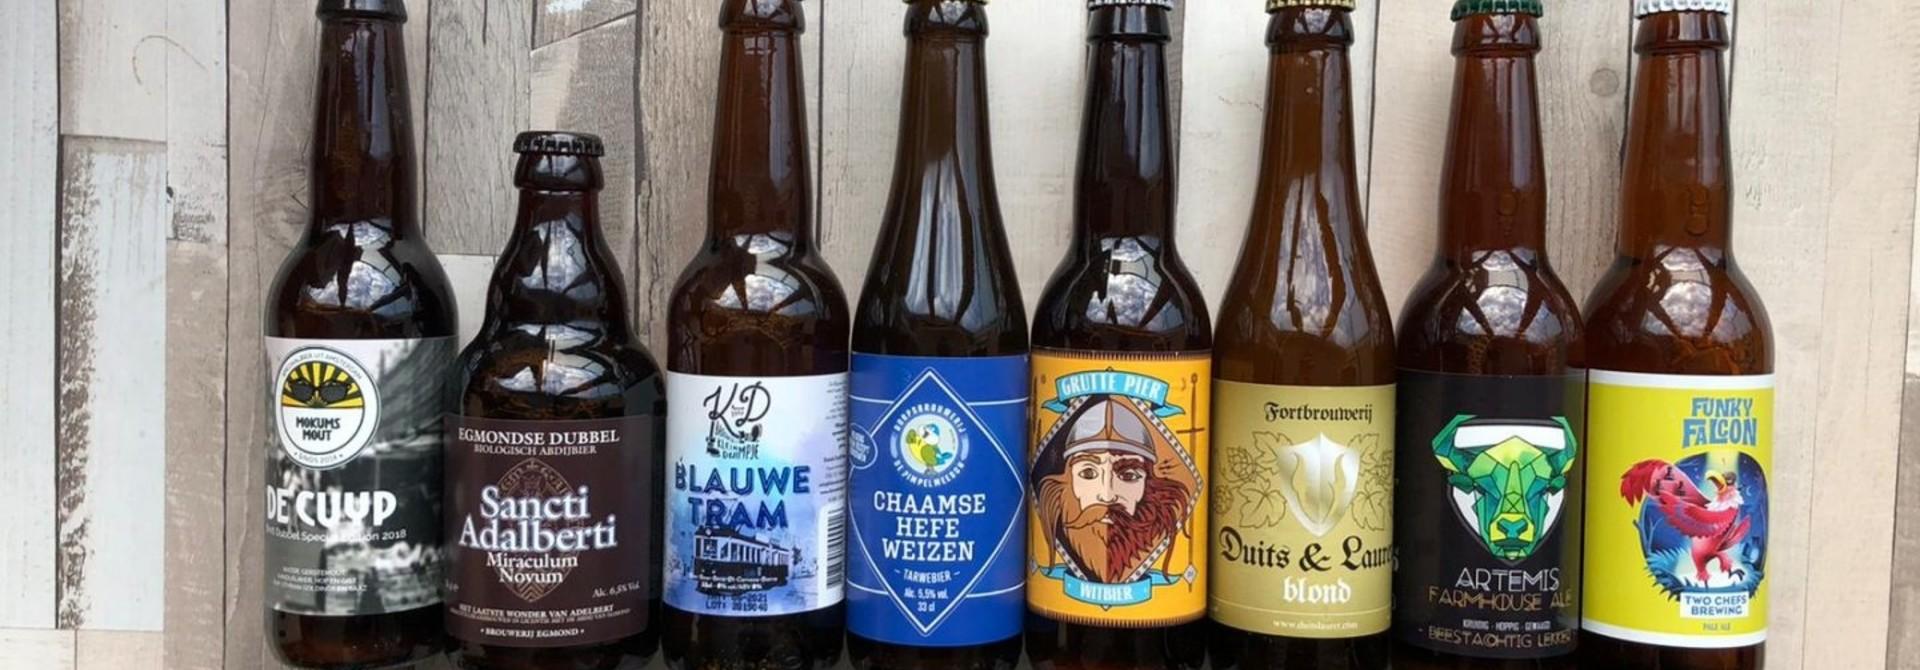 Speciaalbier – bierpakket oktober 2019